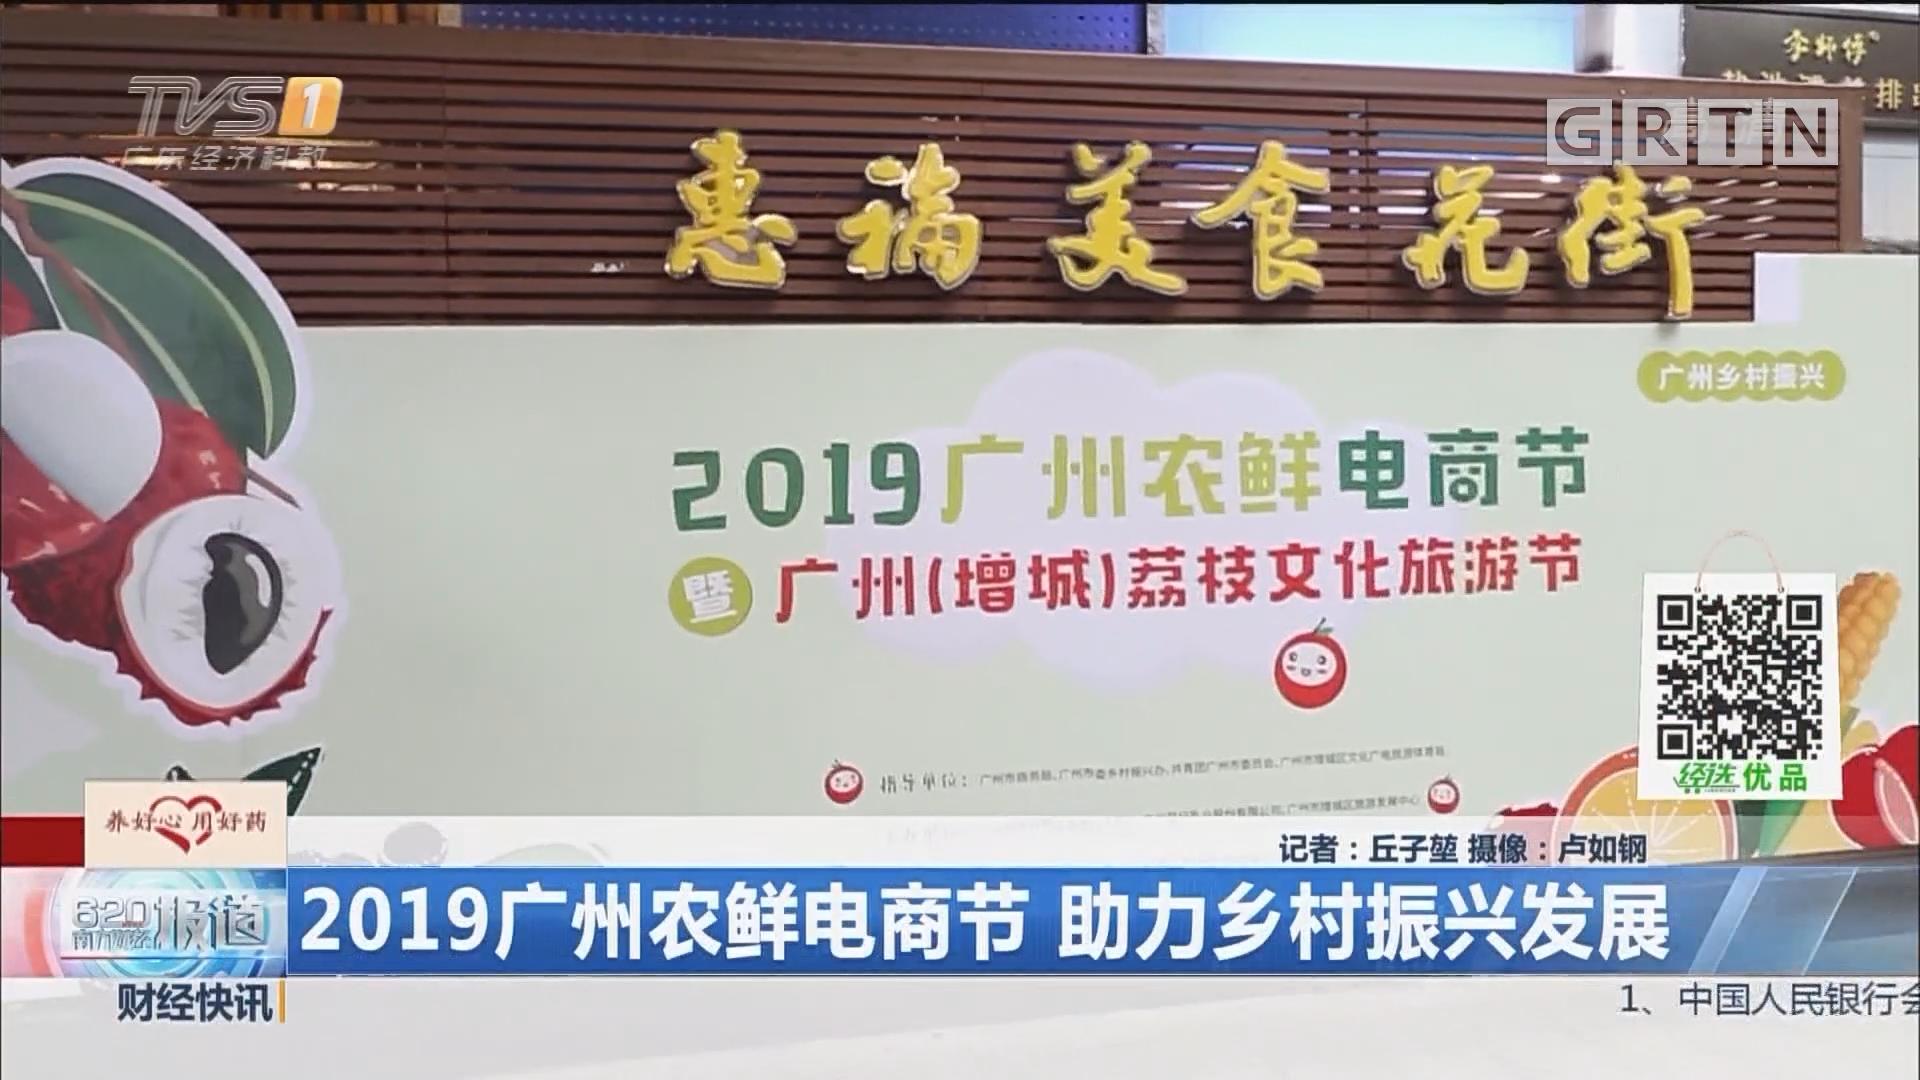 2019广州农鲜电商节 助力乡村振兴发展